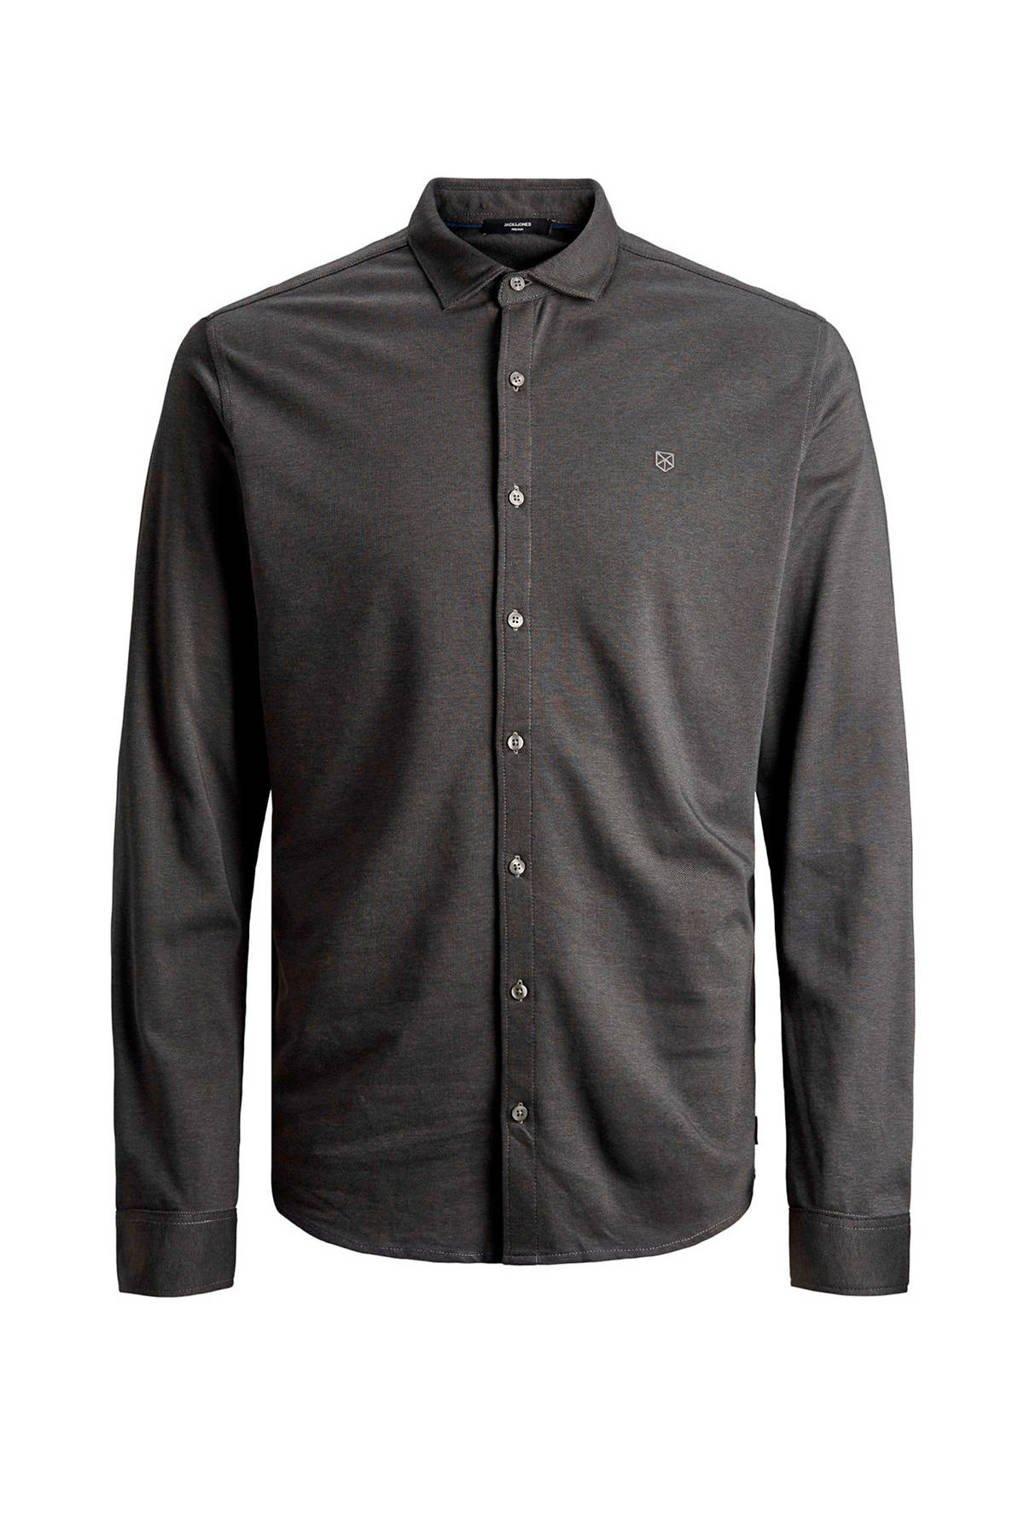 JACK & JONES PREMIUM slim fit overhemd met logo grijs, Grijs